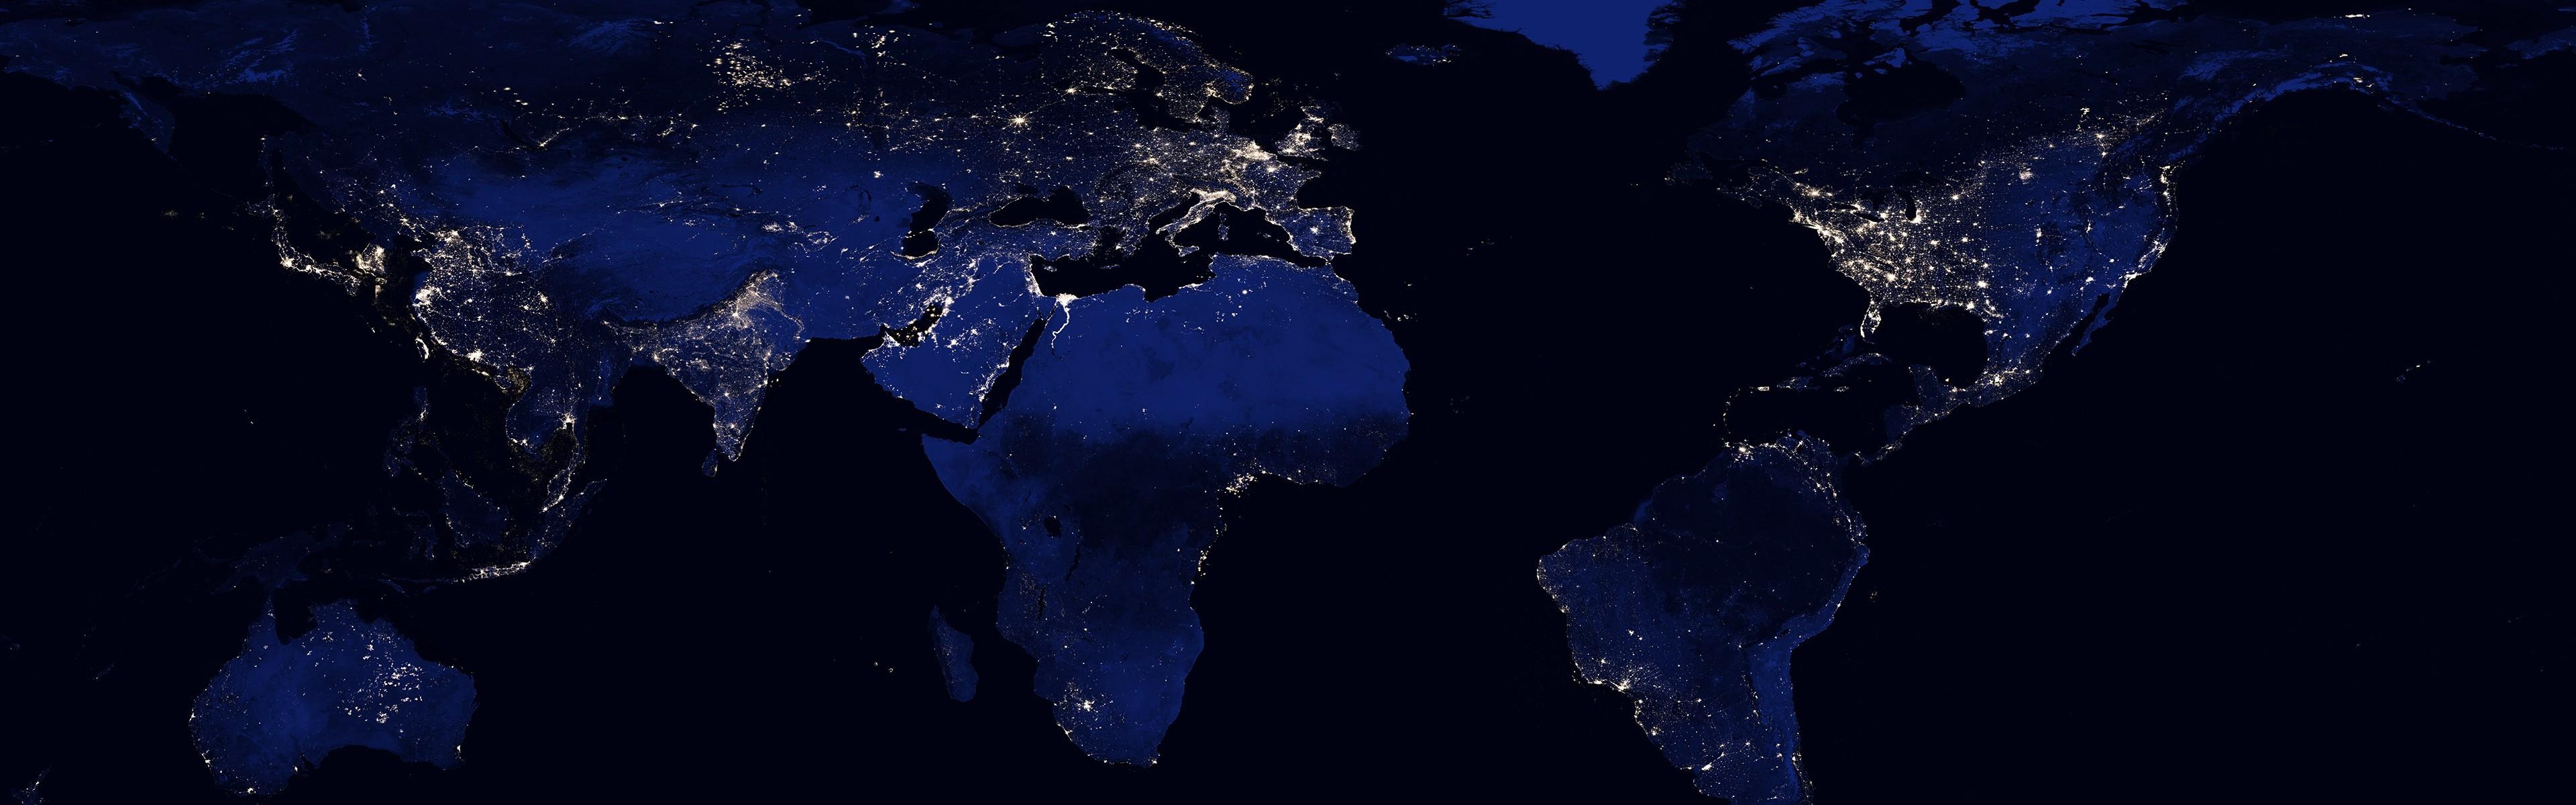 Hintergrundbilder : 3840x1200 px, Kontinente, Erde, Beleuchtung ...